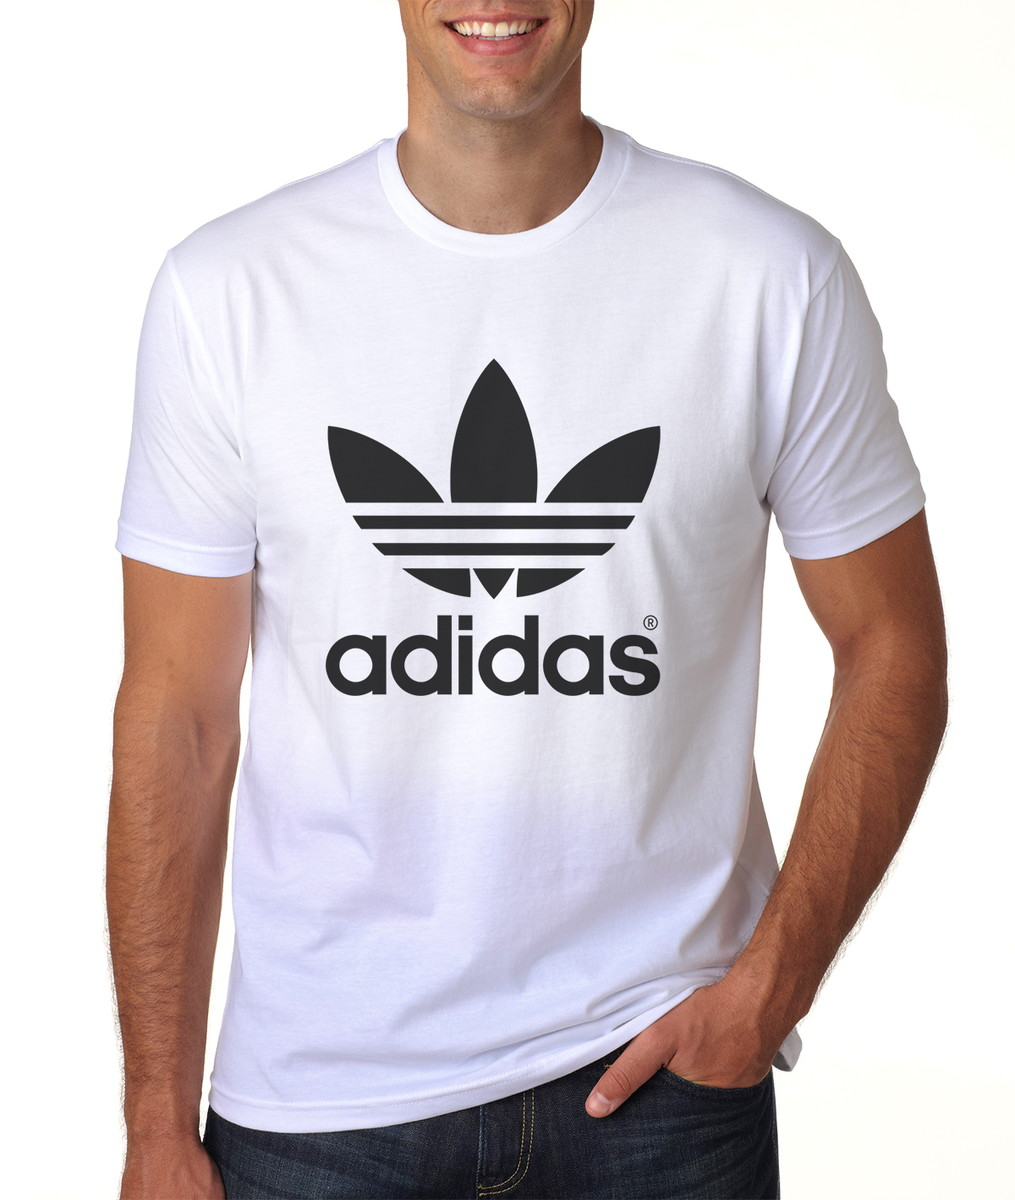 75b78b59a4bca Camiseta Personalizada Adidas no Elo7